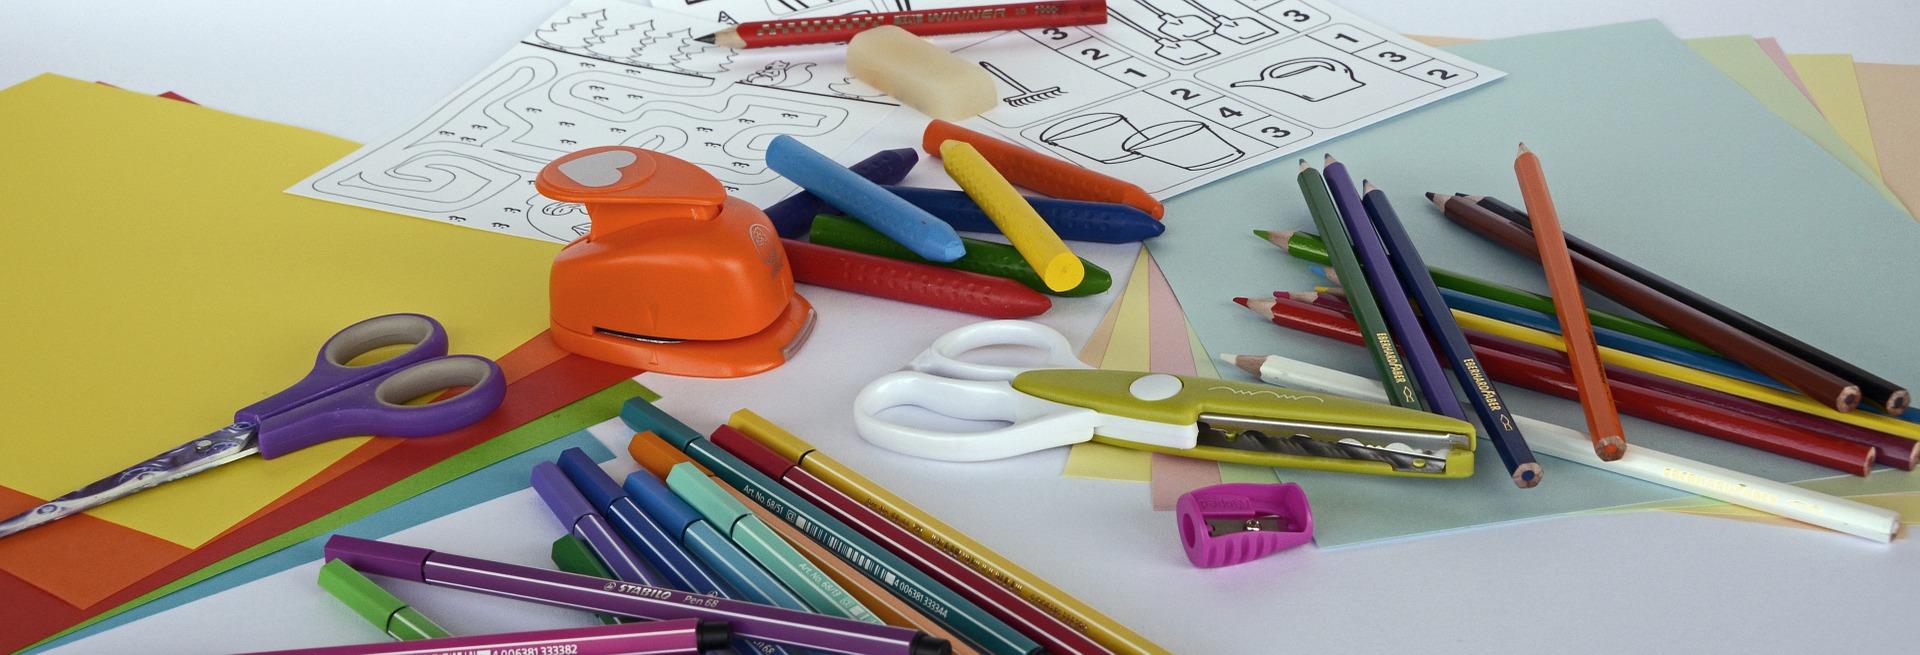 bien préparer le contrôle pédagogique de l'inspection d'académie Objectif IEF conseils plan